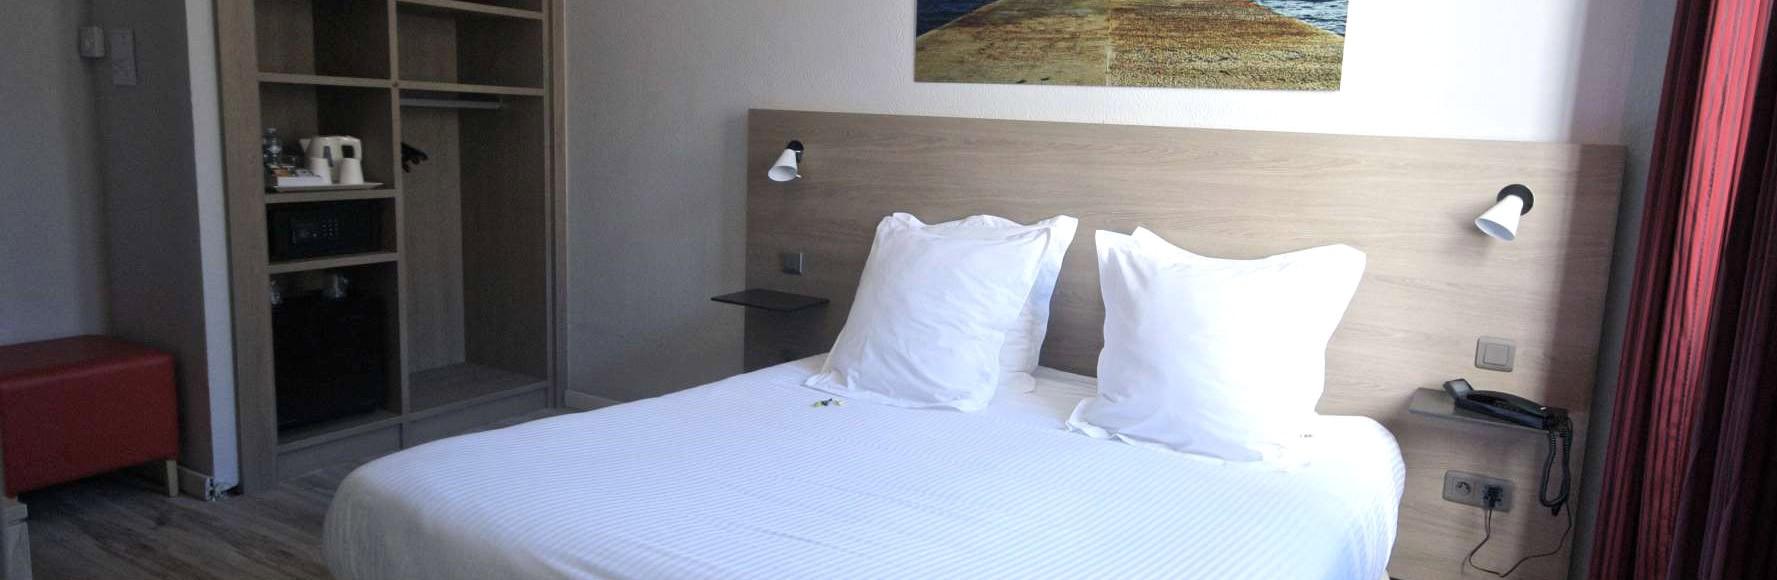 Hôtel à Toulon Grand Hôtel Dauphiné